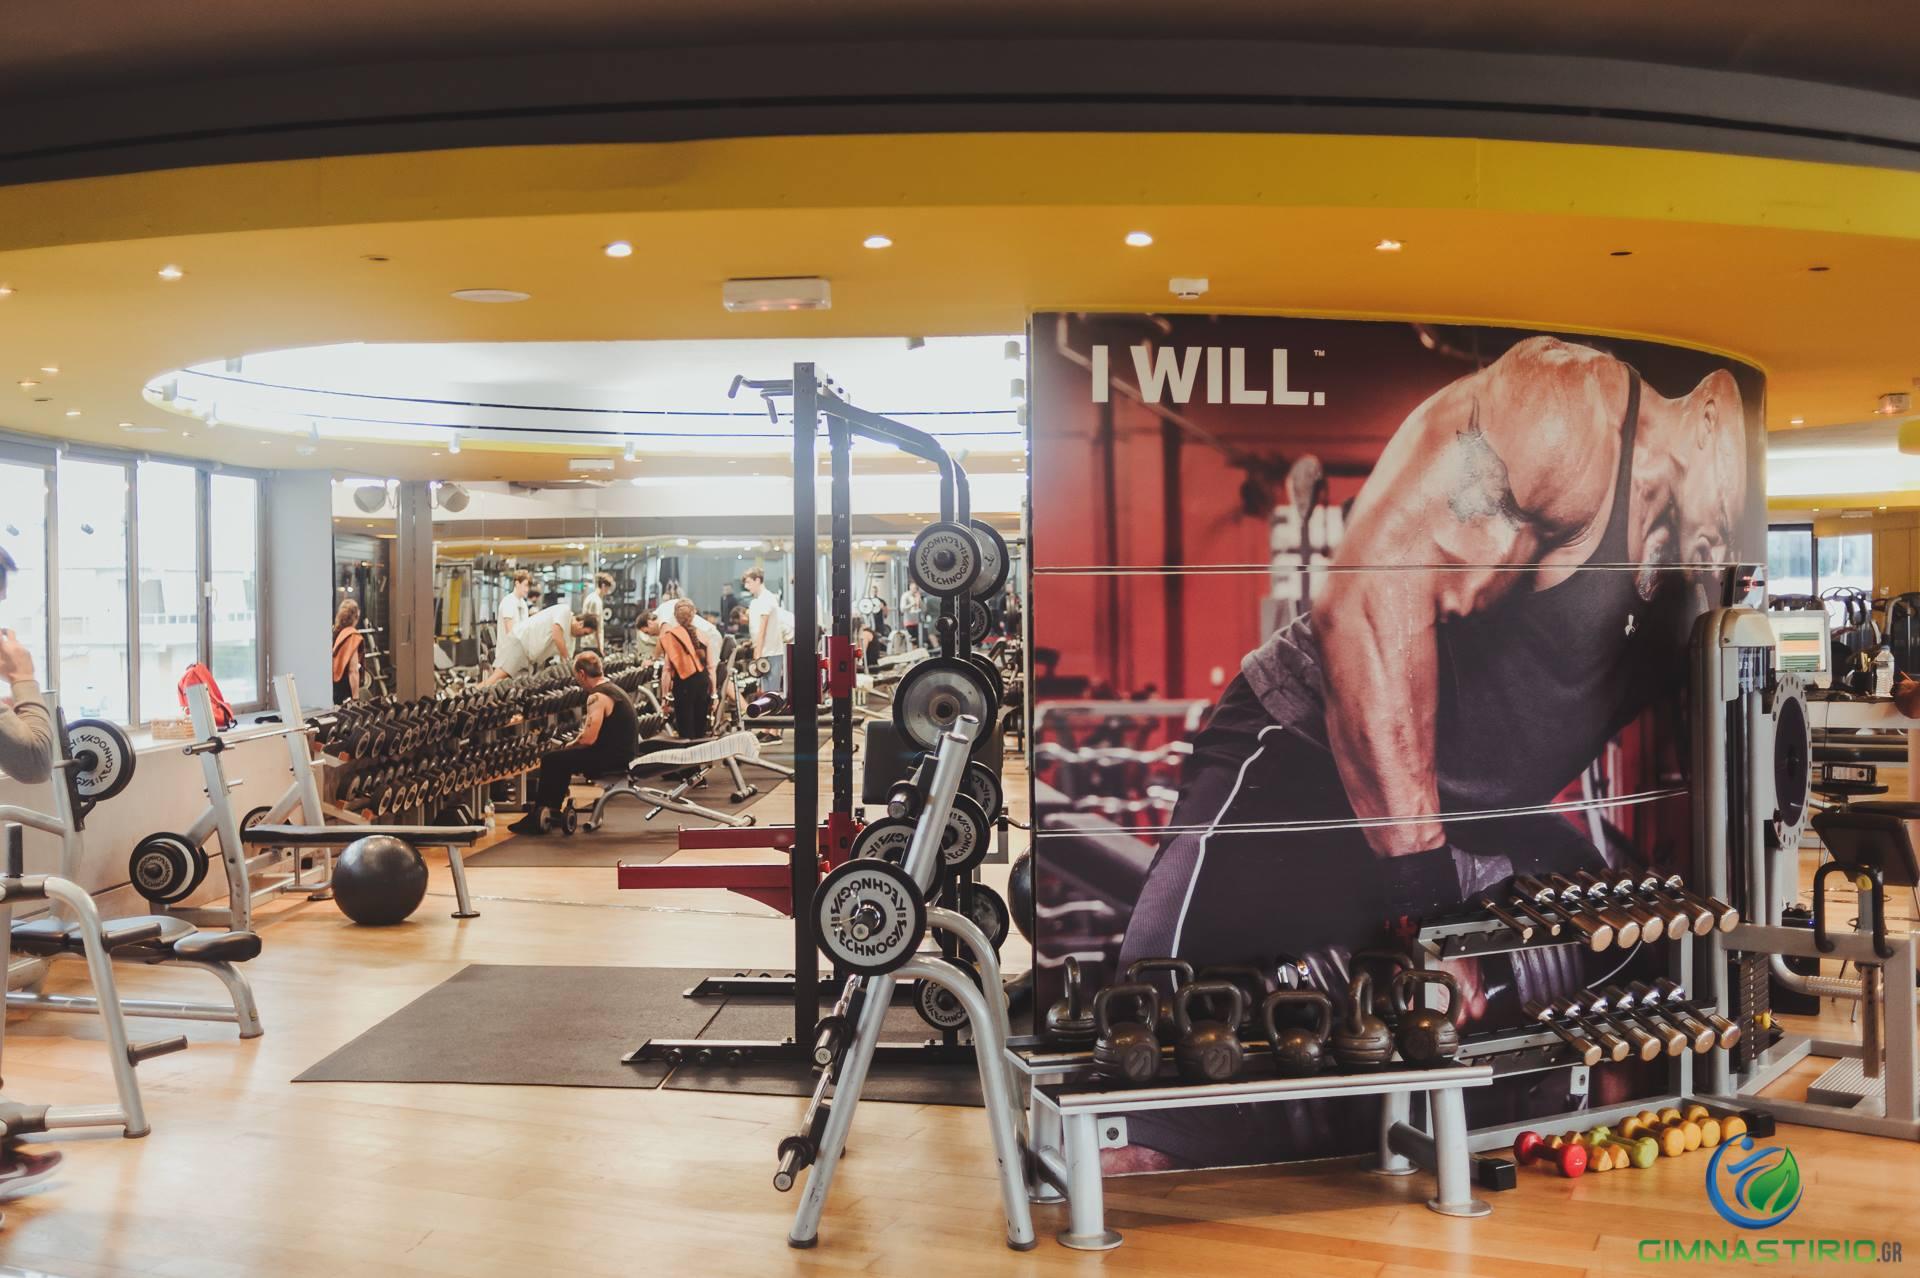 59€ για τρεις (3) μήνες συνδρομής στο Gym Tonic στη Γλυφάδα με χρήση οργάνων και συμμετοχή στα ομαδικά προγράμματα και η εγγραφή δωρεάν!! Ένας χώρος 2.000 τμ με σύγχρονα μηχανήματα και άκρως καταρτισμένο προσωπικό! Αρχικής αξίας 120€ - Έκπτωση 51%